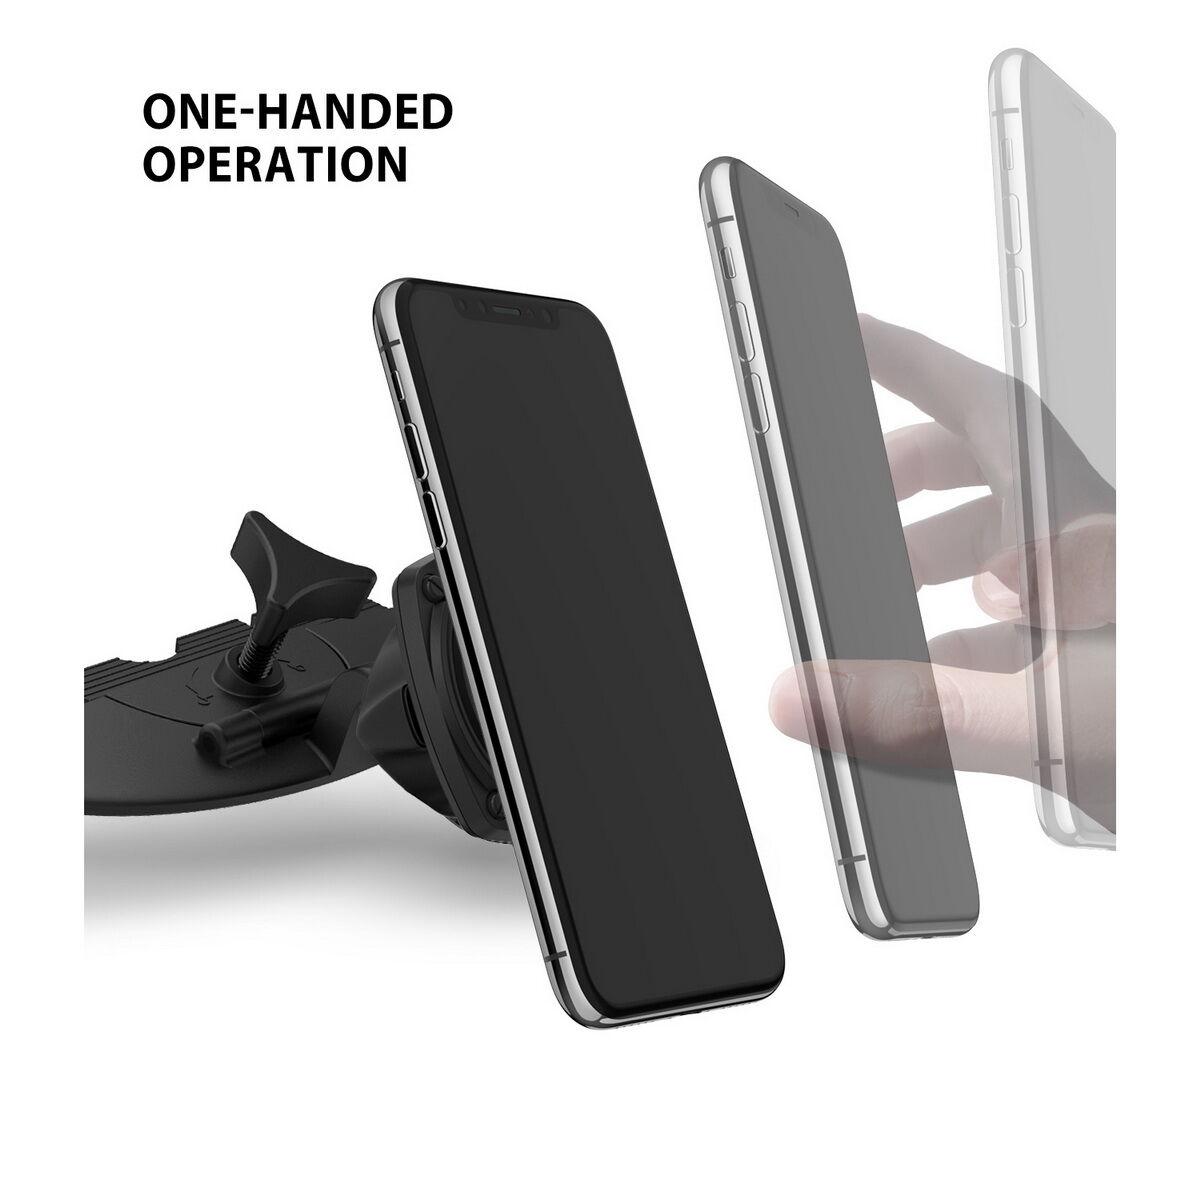 Ringke autós telefon tartó, Square CD Slot, CD lejátszóba helyezhető, Fekete